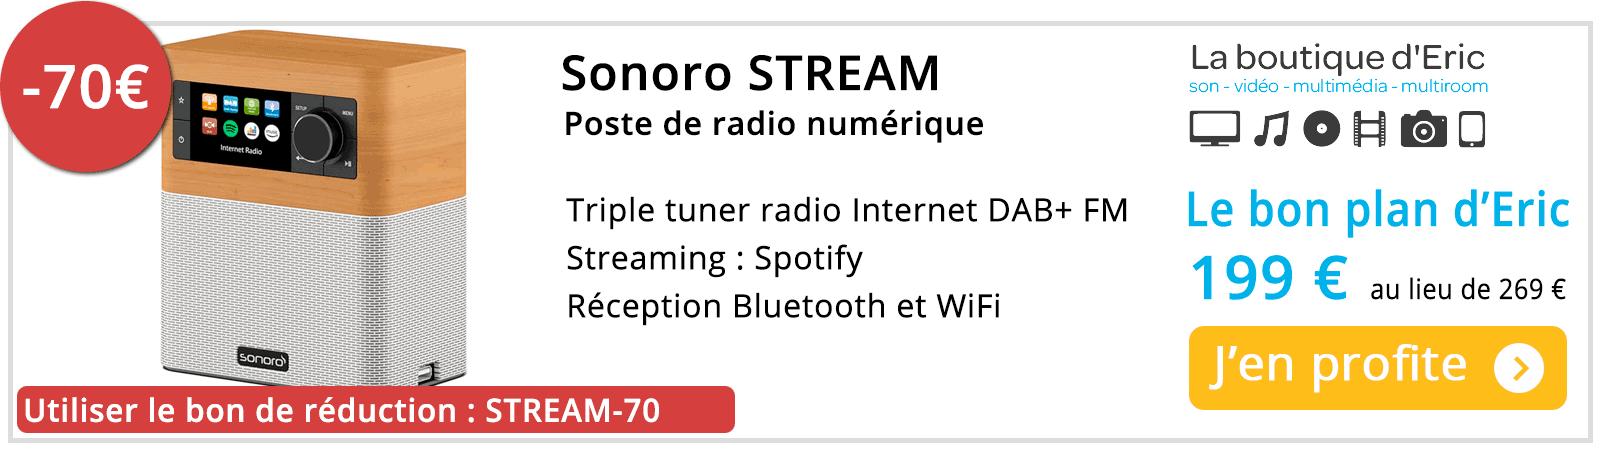 Promotion sur poste de radio Internet Sonoro Stream au meilleur prix